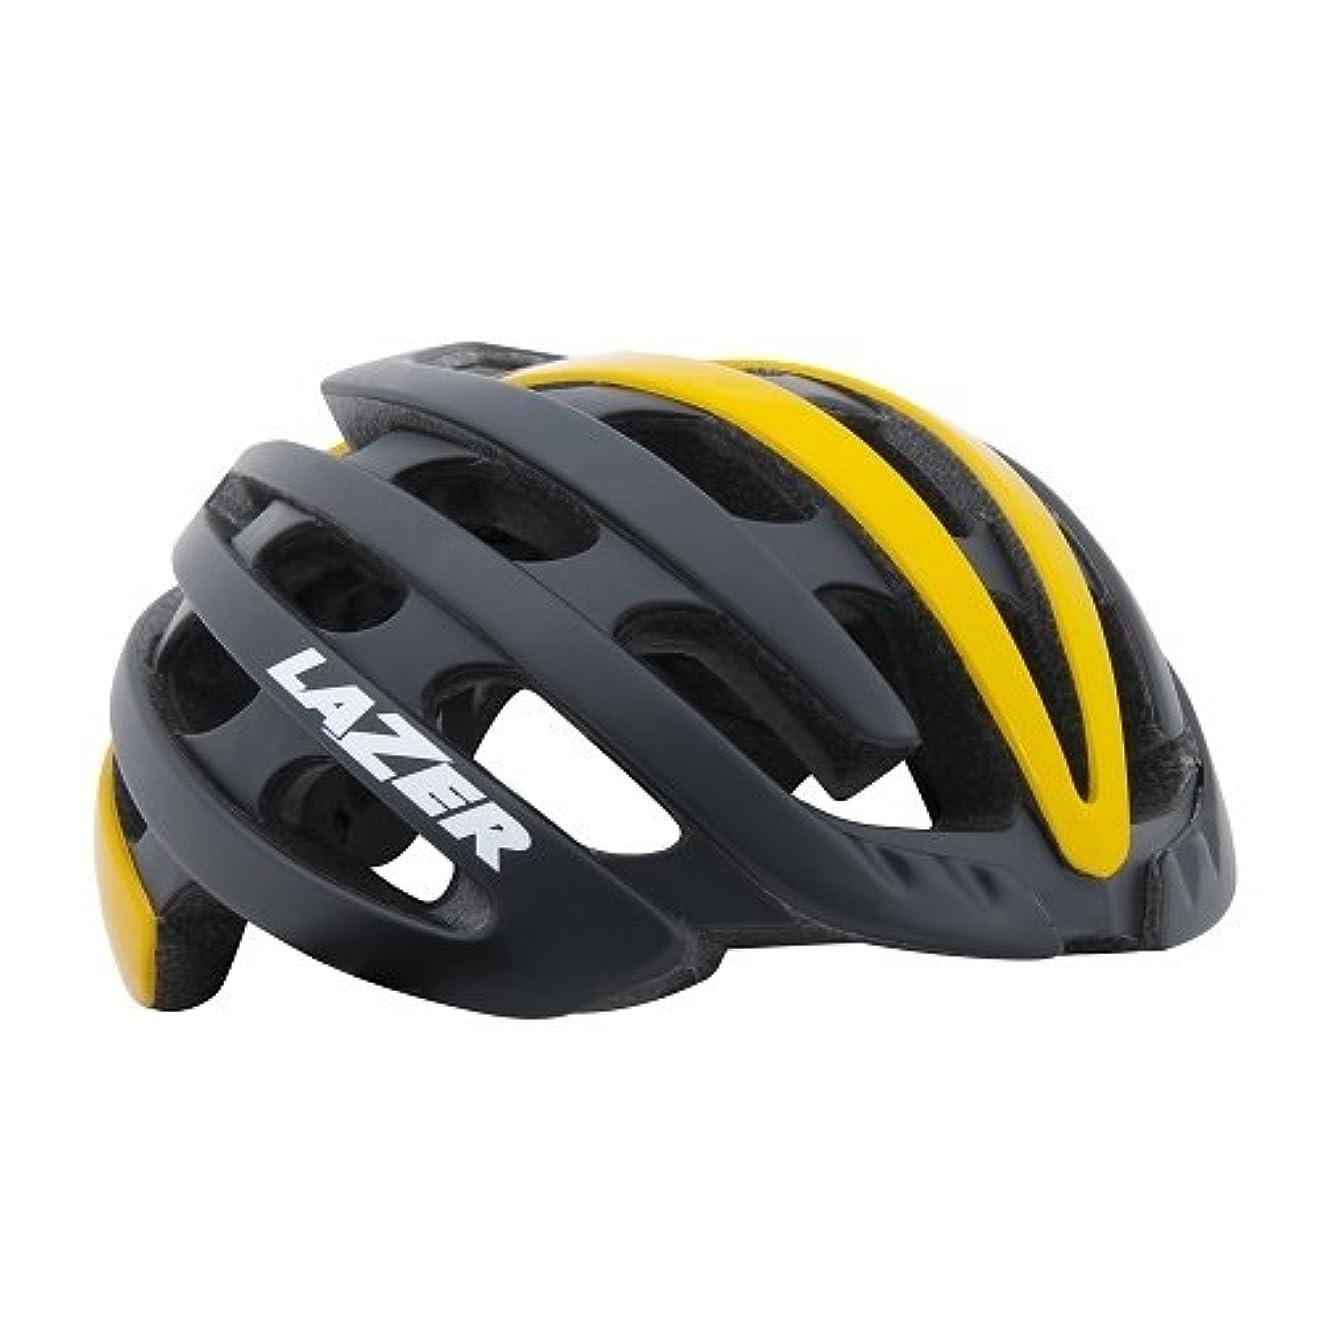 やろうくしゃくしゃ奇跡LAZER(レーザー) ヘルメット Z1 JCF公認 サイクリングヘルメット R2LA842947X マットブラックイエロー M(55-59cm)